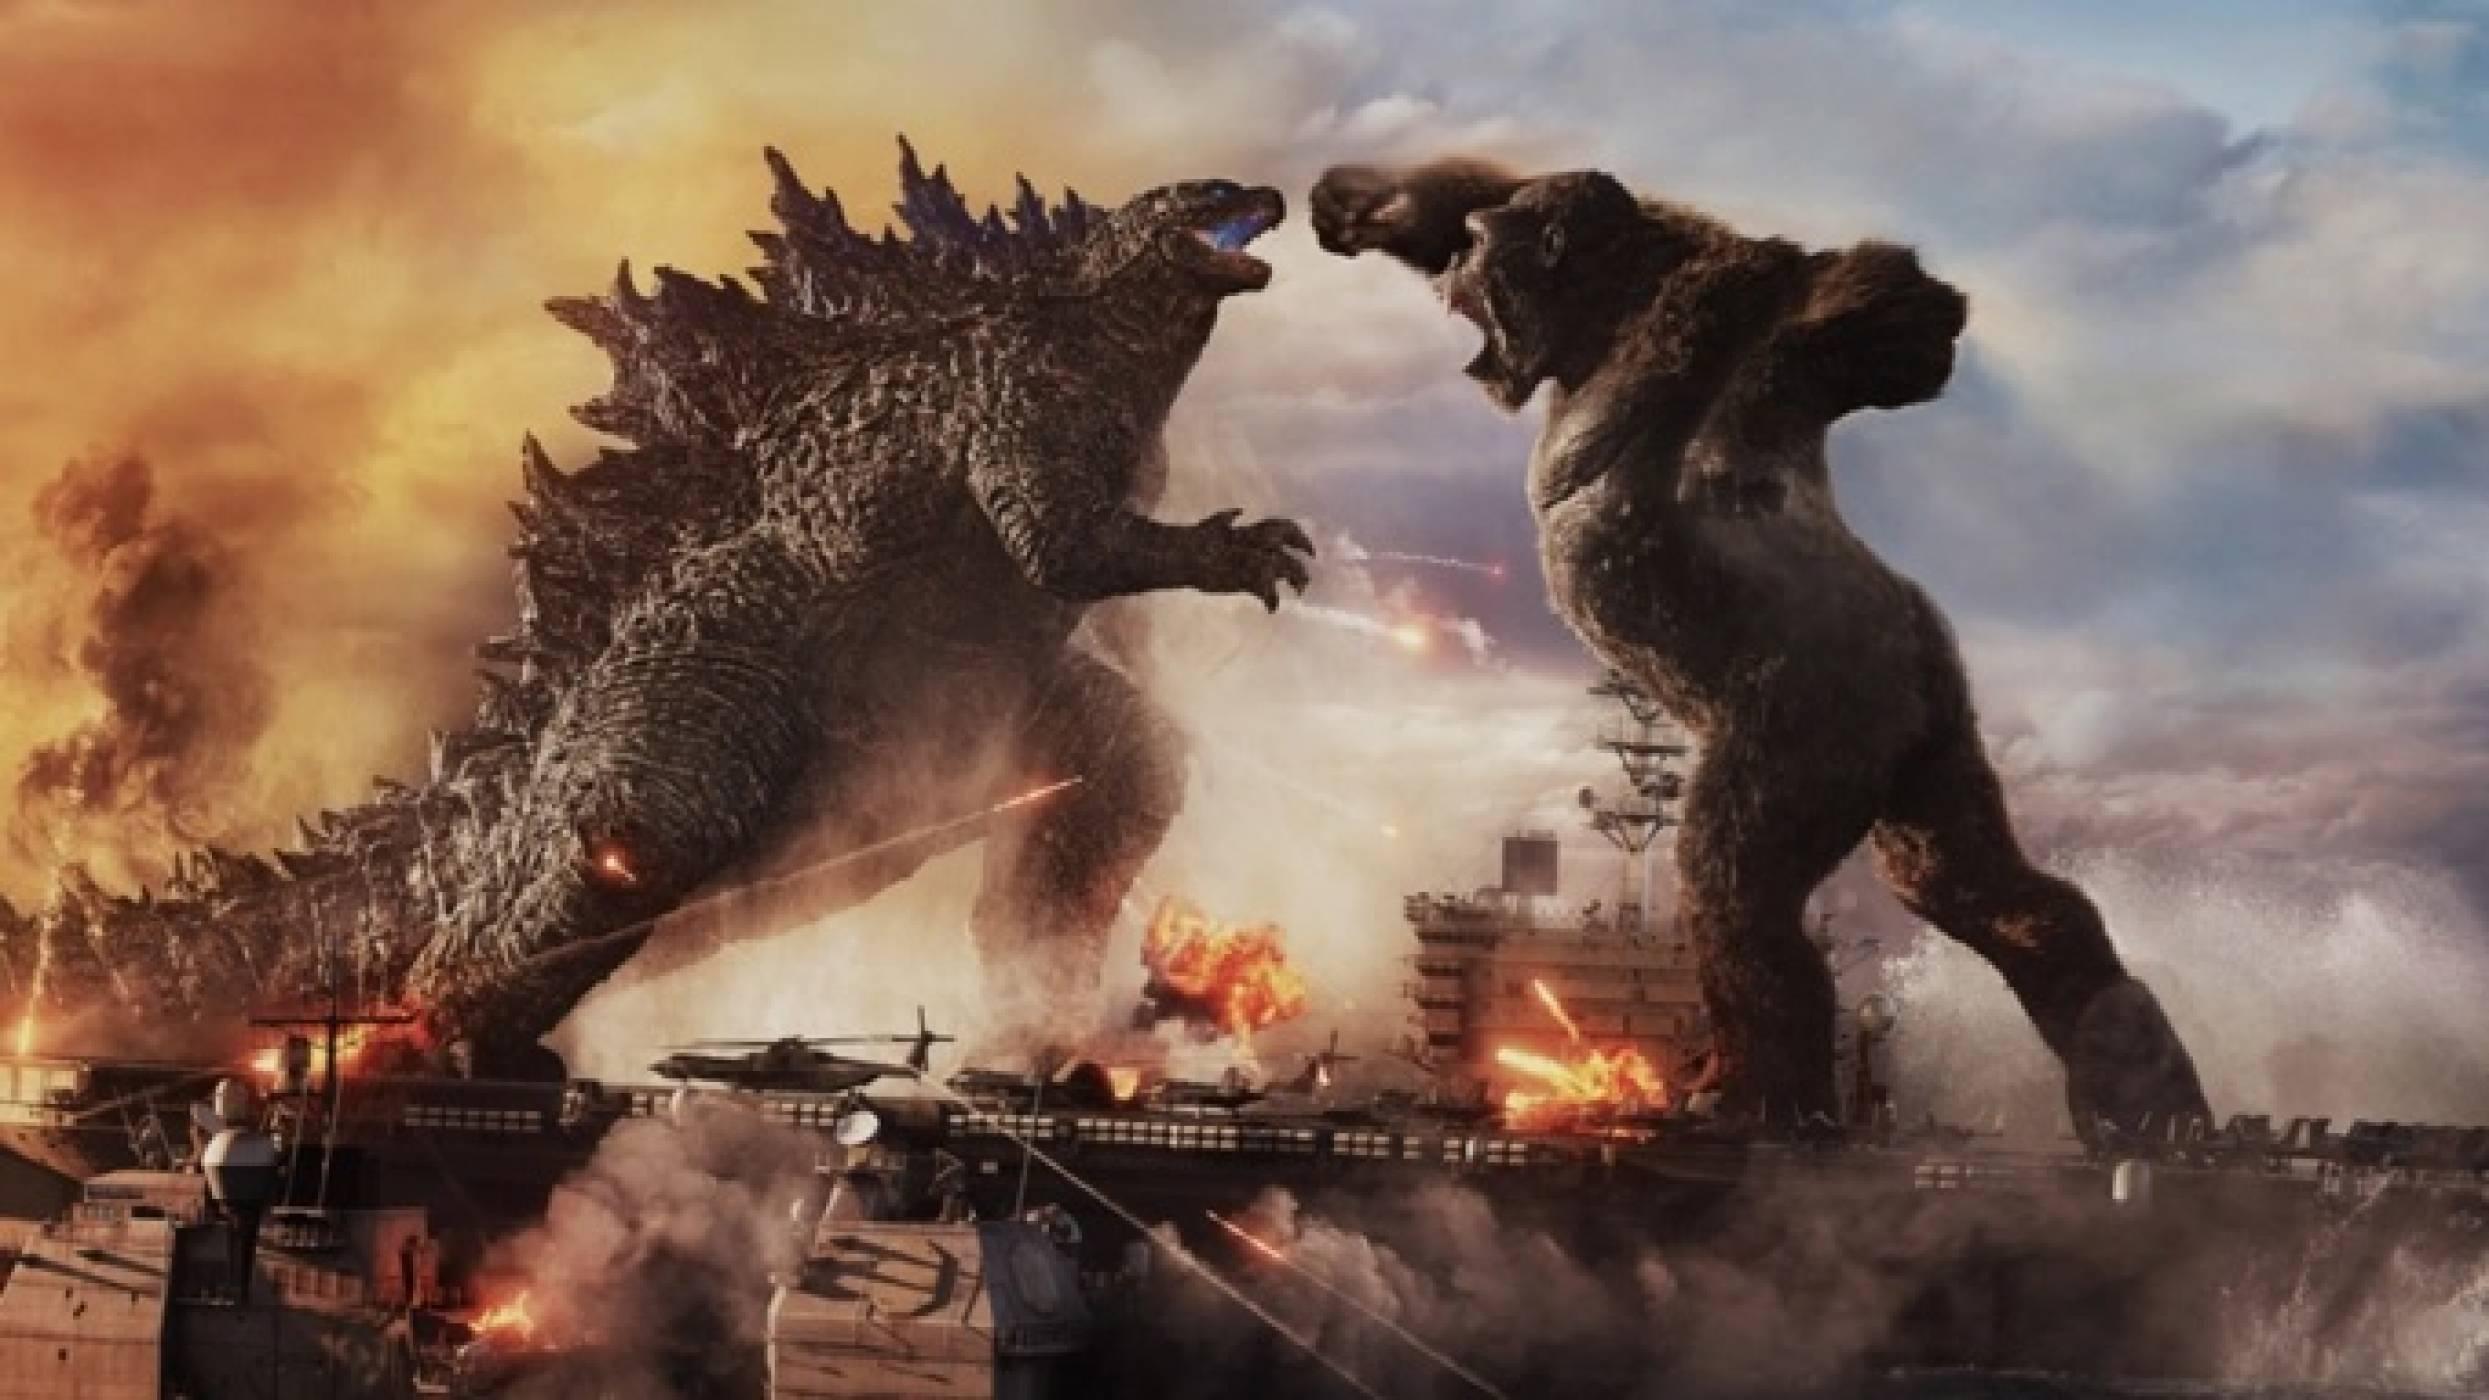 Godzilla vs. Kong постави кино рекорд в епохата на COVID-19